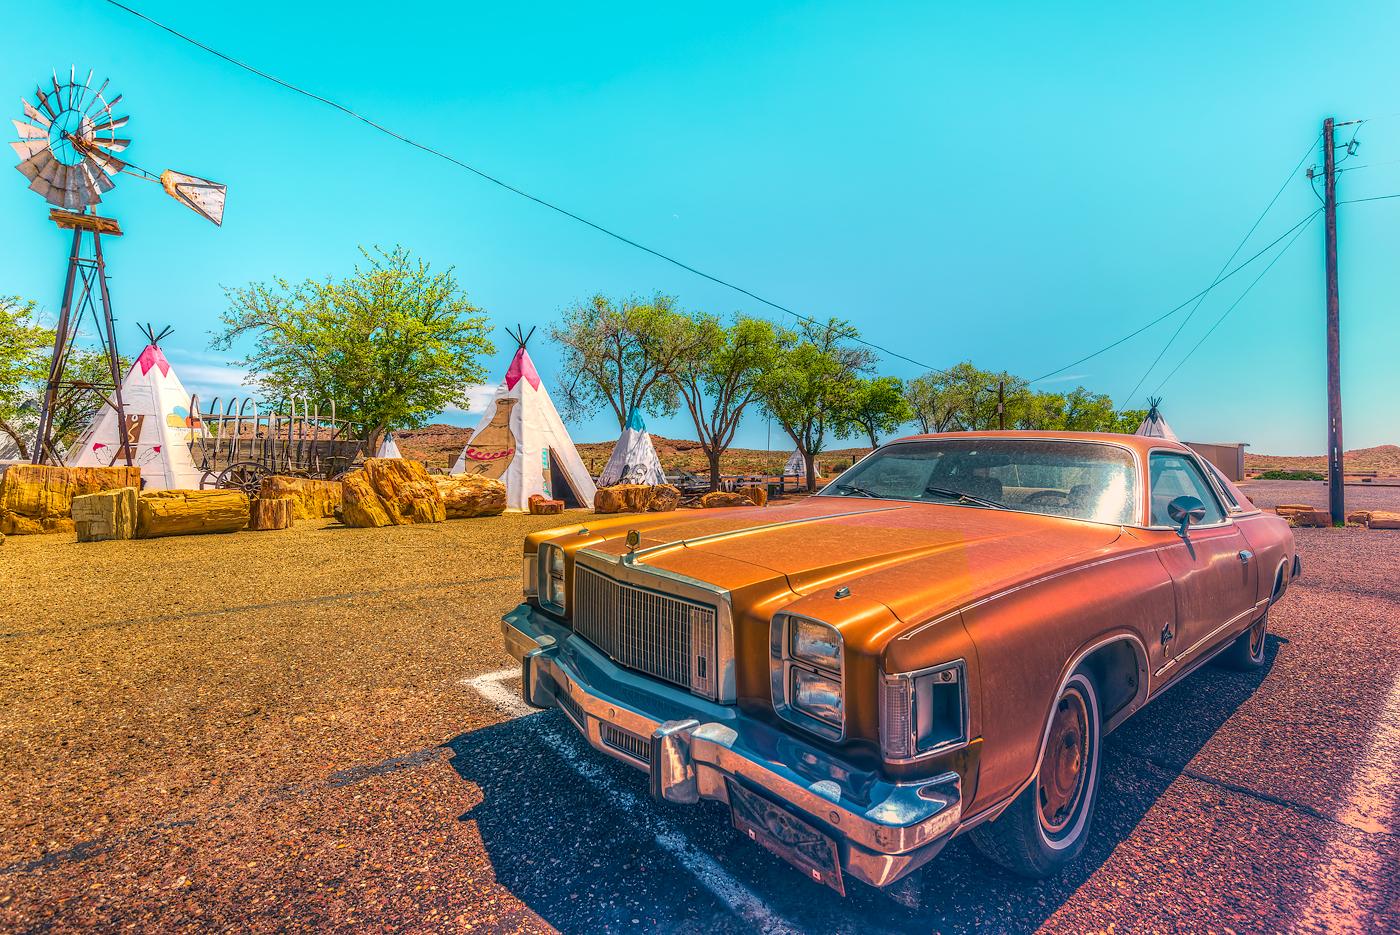 На границата между Аризона и Ню Мексико | Author viktor vichev - victorio | PHOTO FORUM